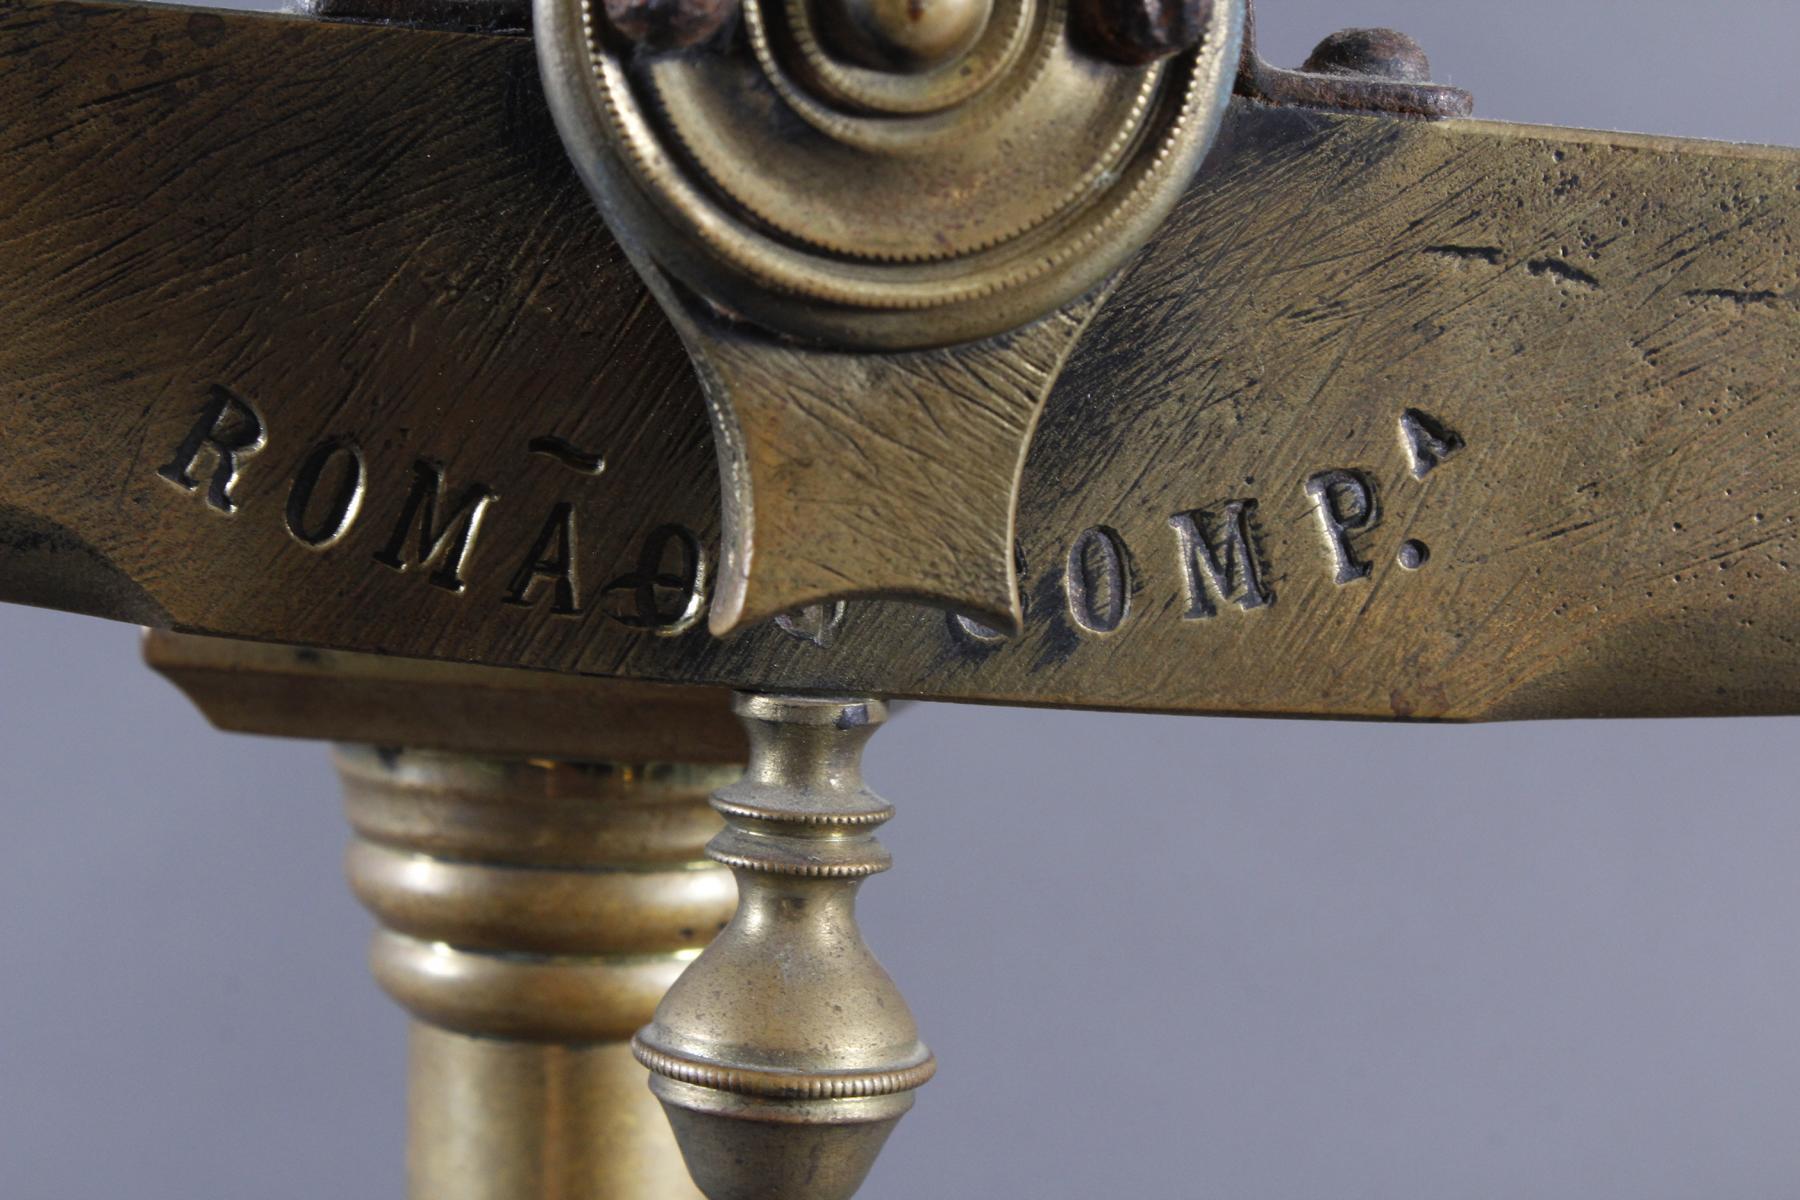 Apothekerwaage, 1. Hälfte 19. Jahrhundert-2